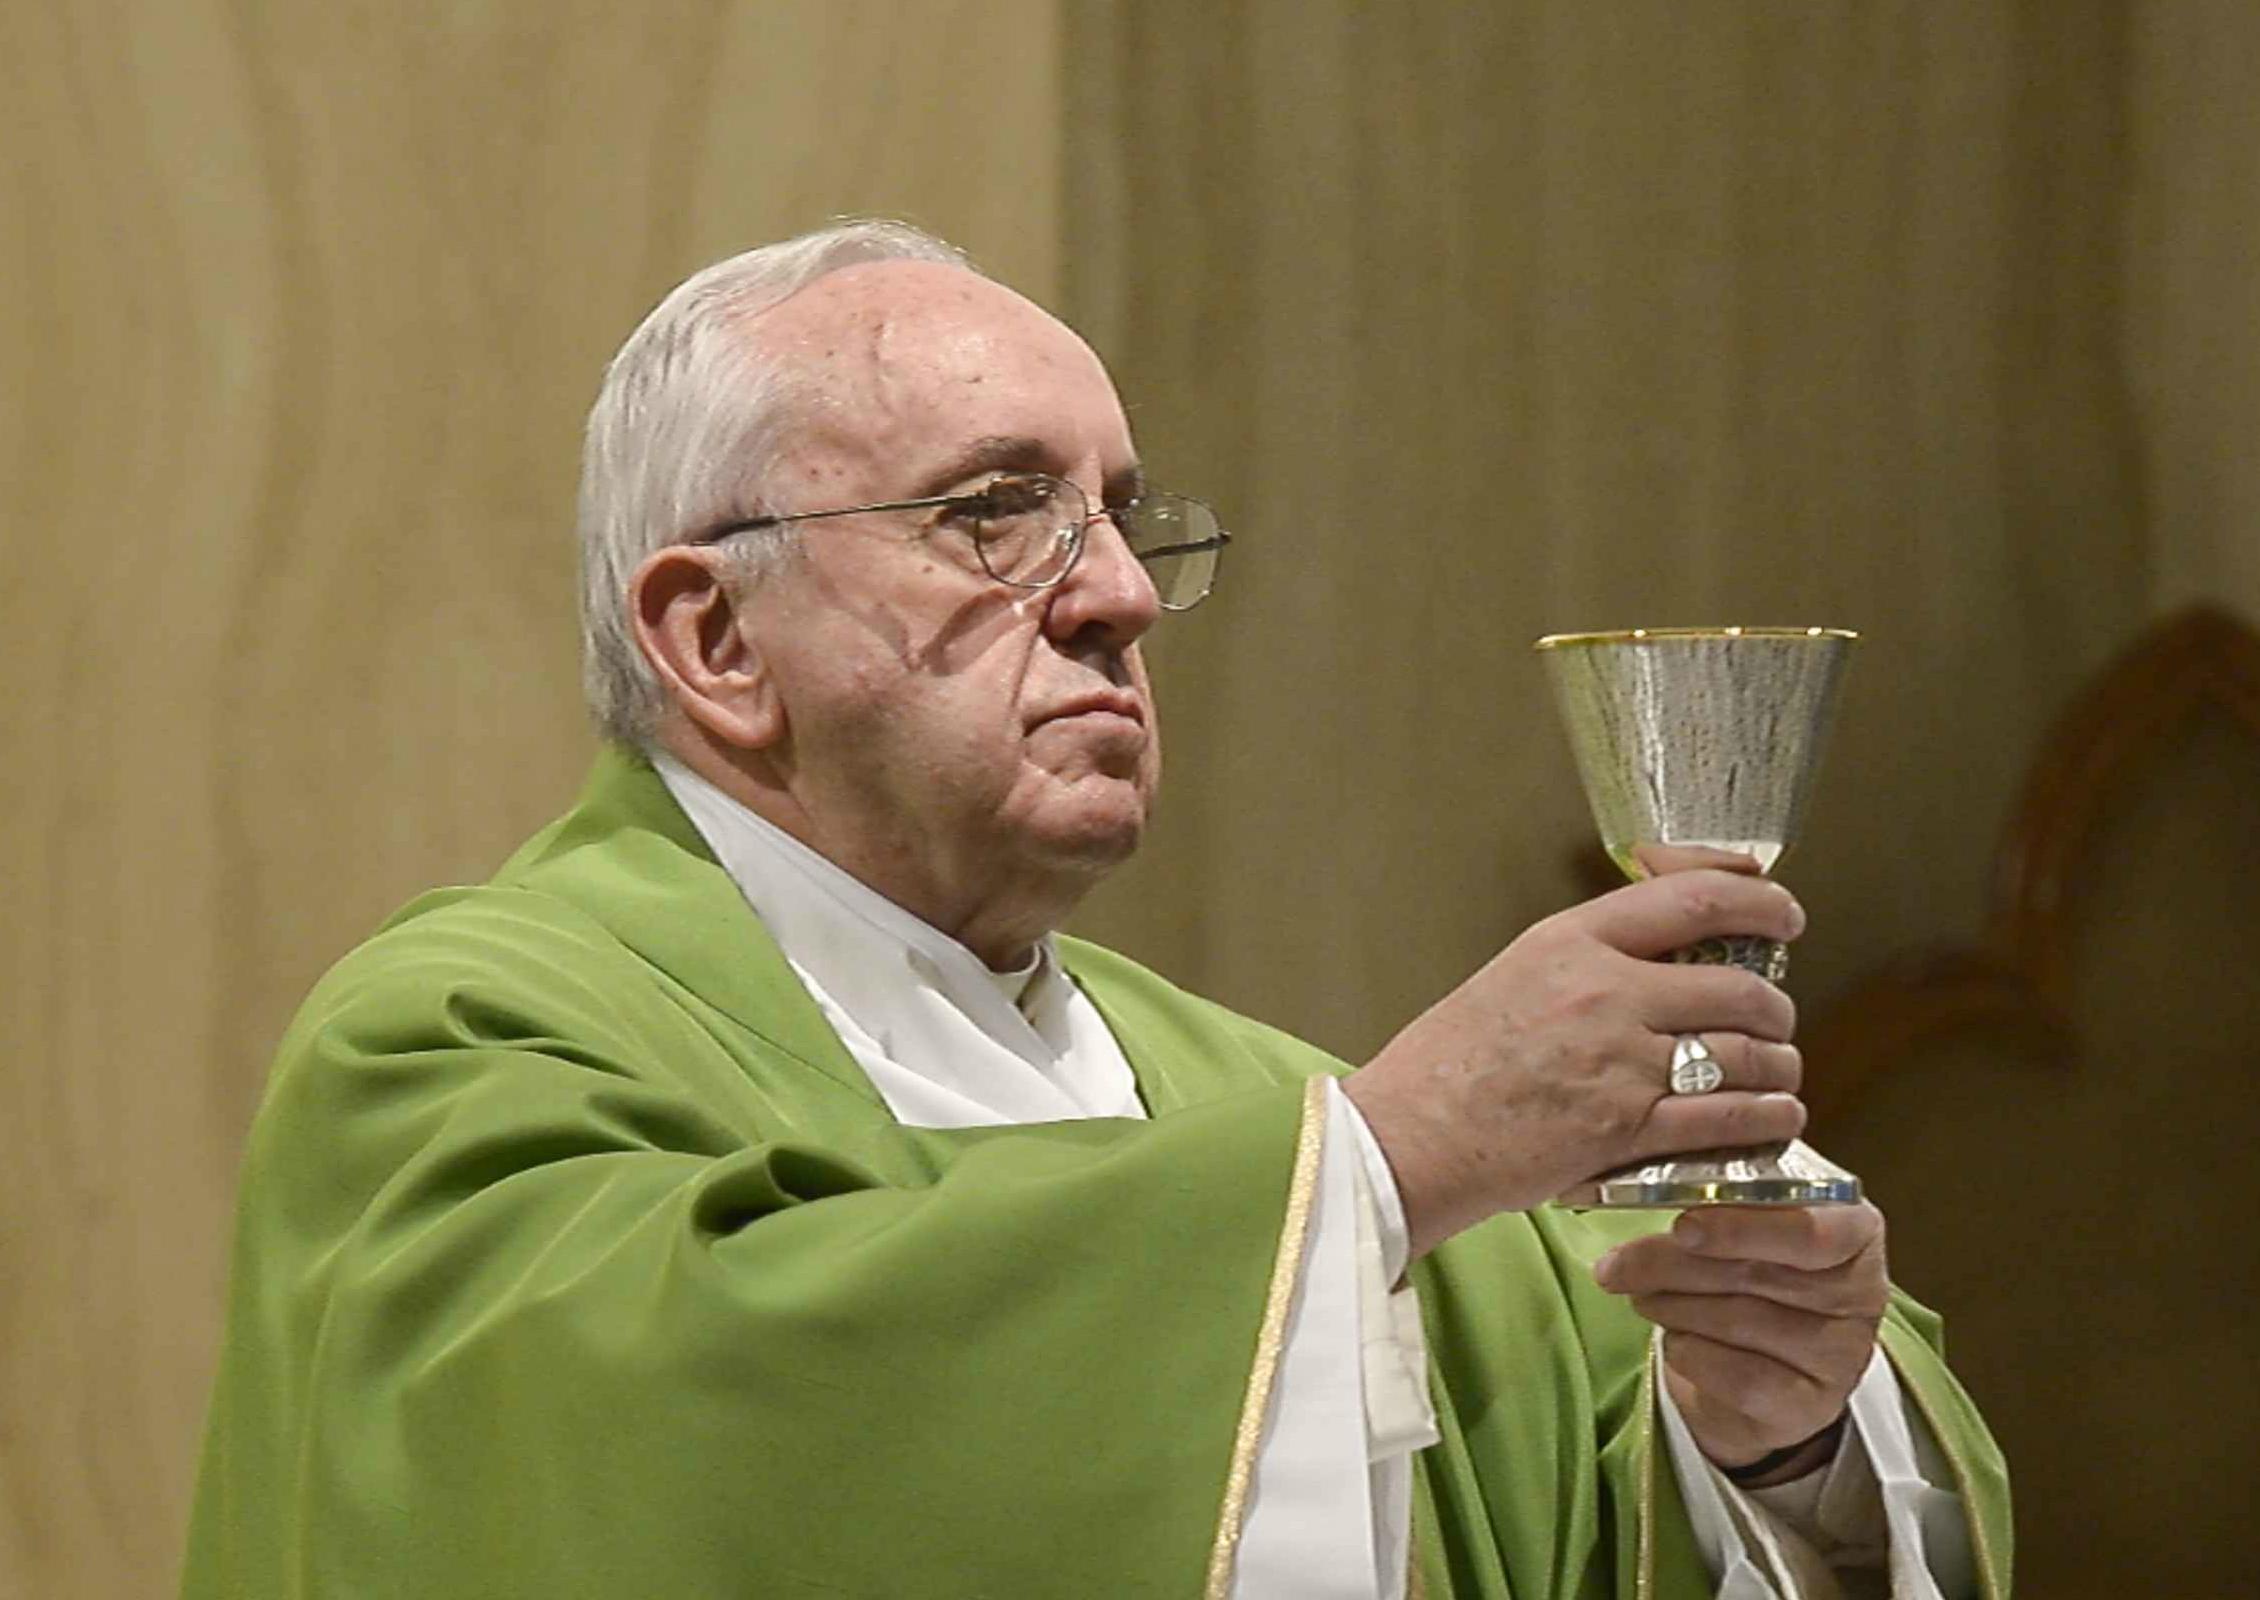 Pope Francis at Santa Marta